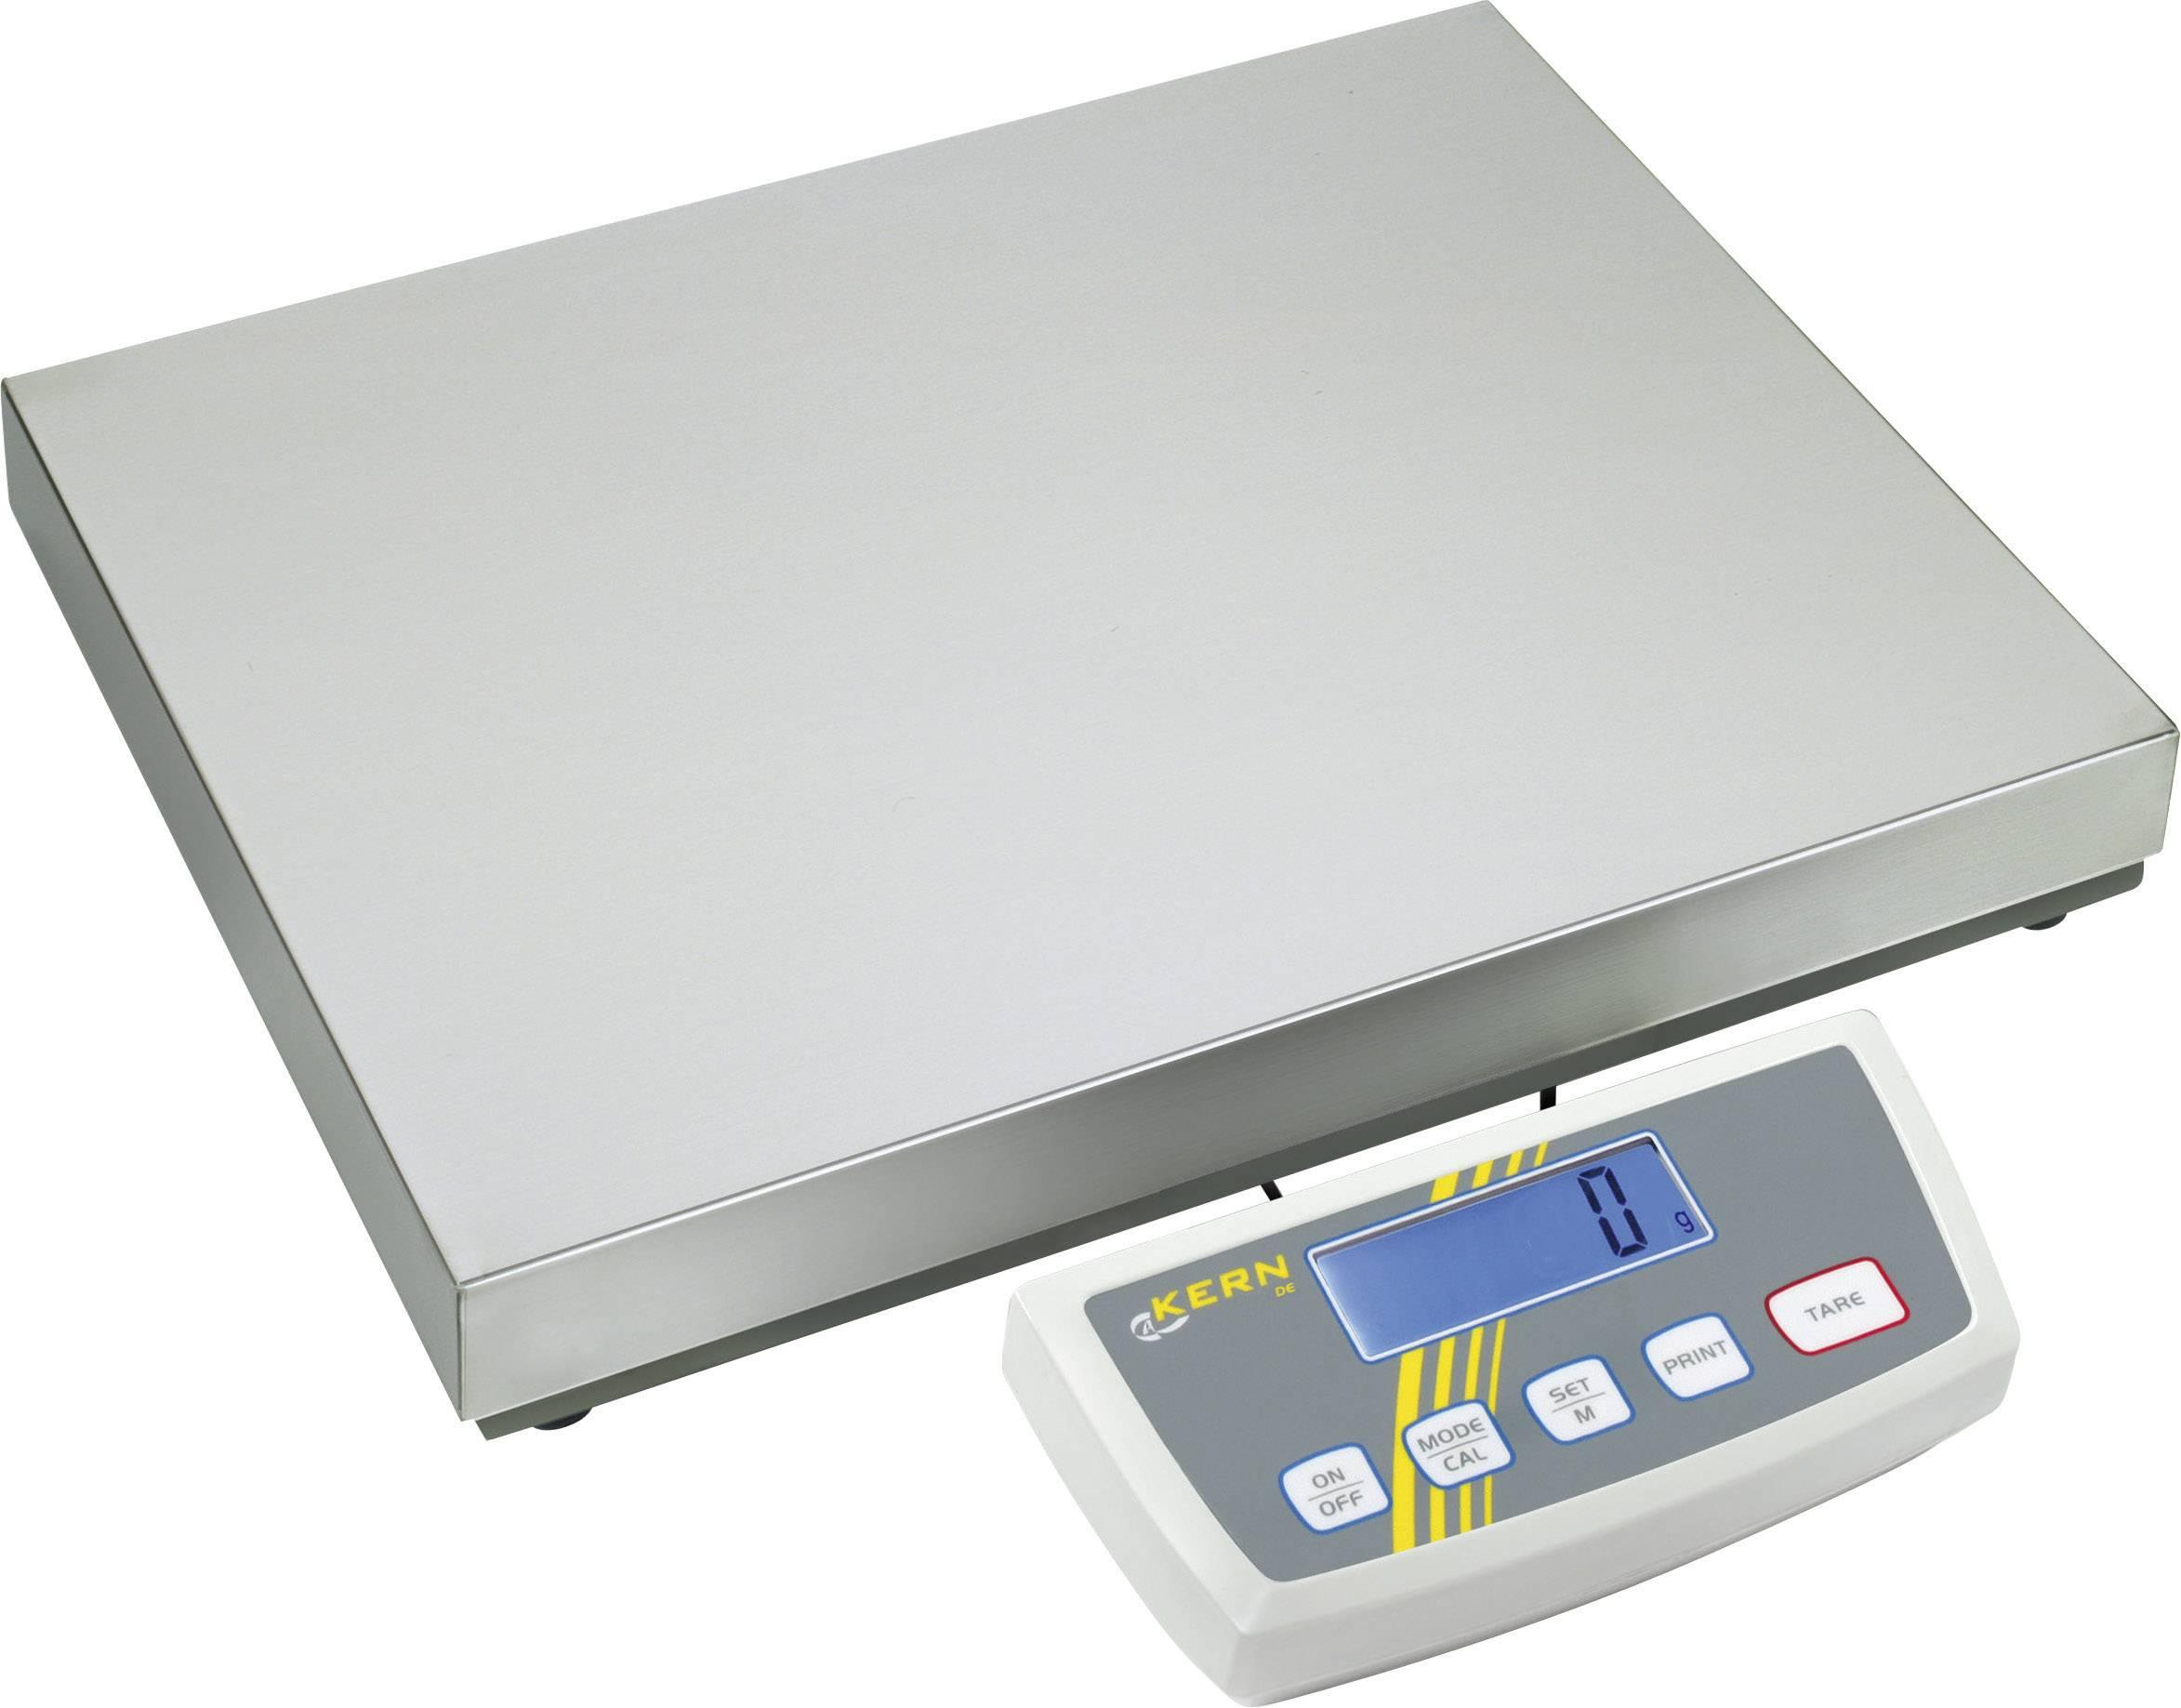 Plošinová váha Kern DE 35K5DL, presnosť 5 g, 10 g, max. váživosť 35 kg